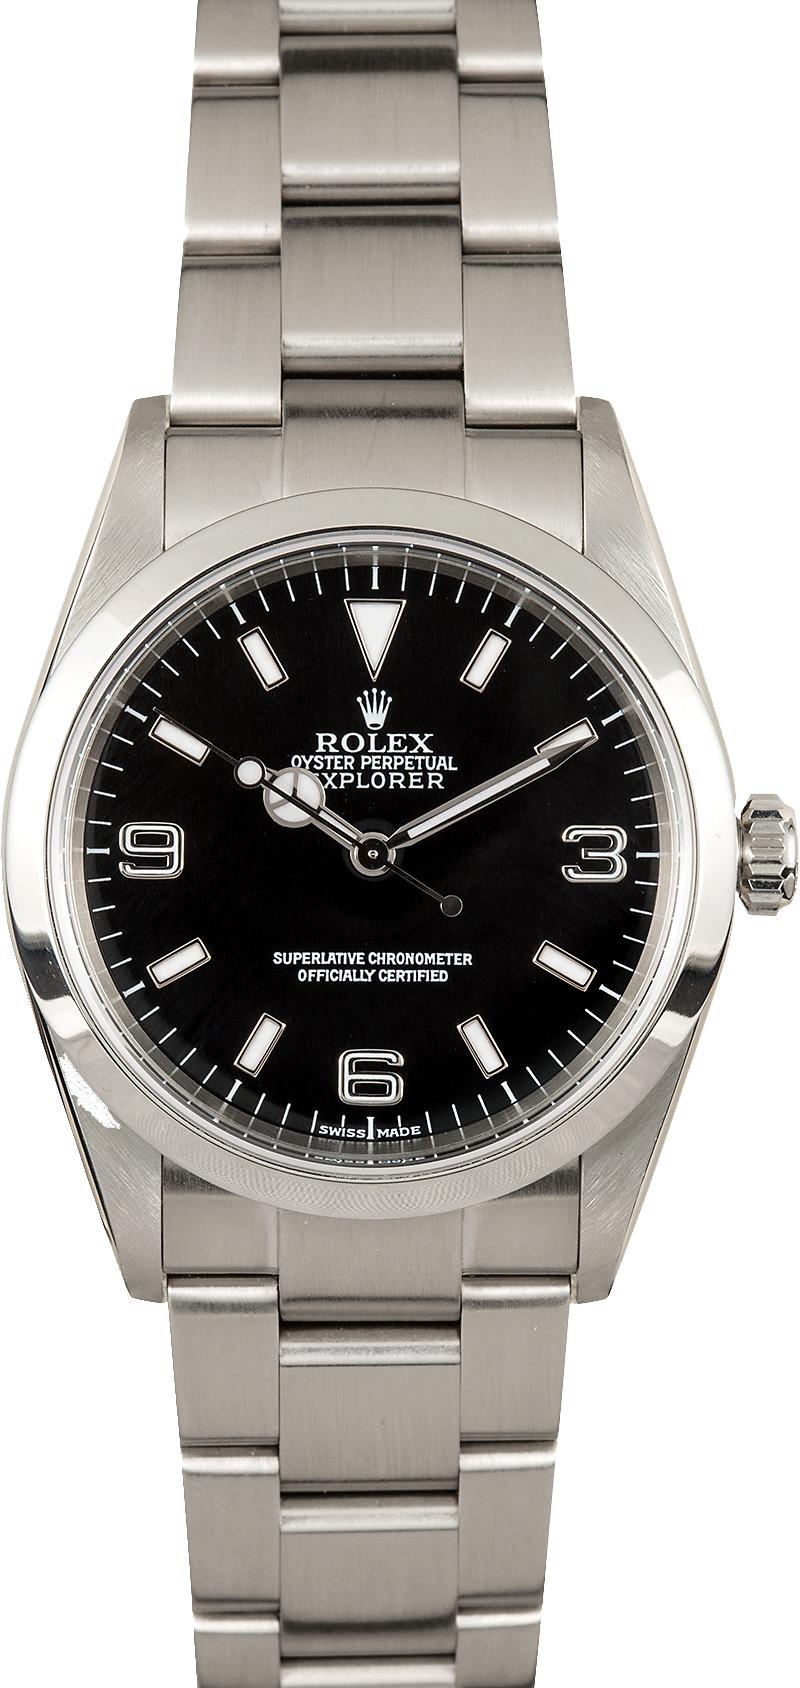 Rolex explorer i 114270 steel 100 authentic for Rolex explorer